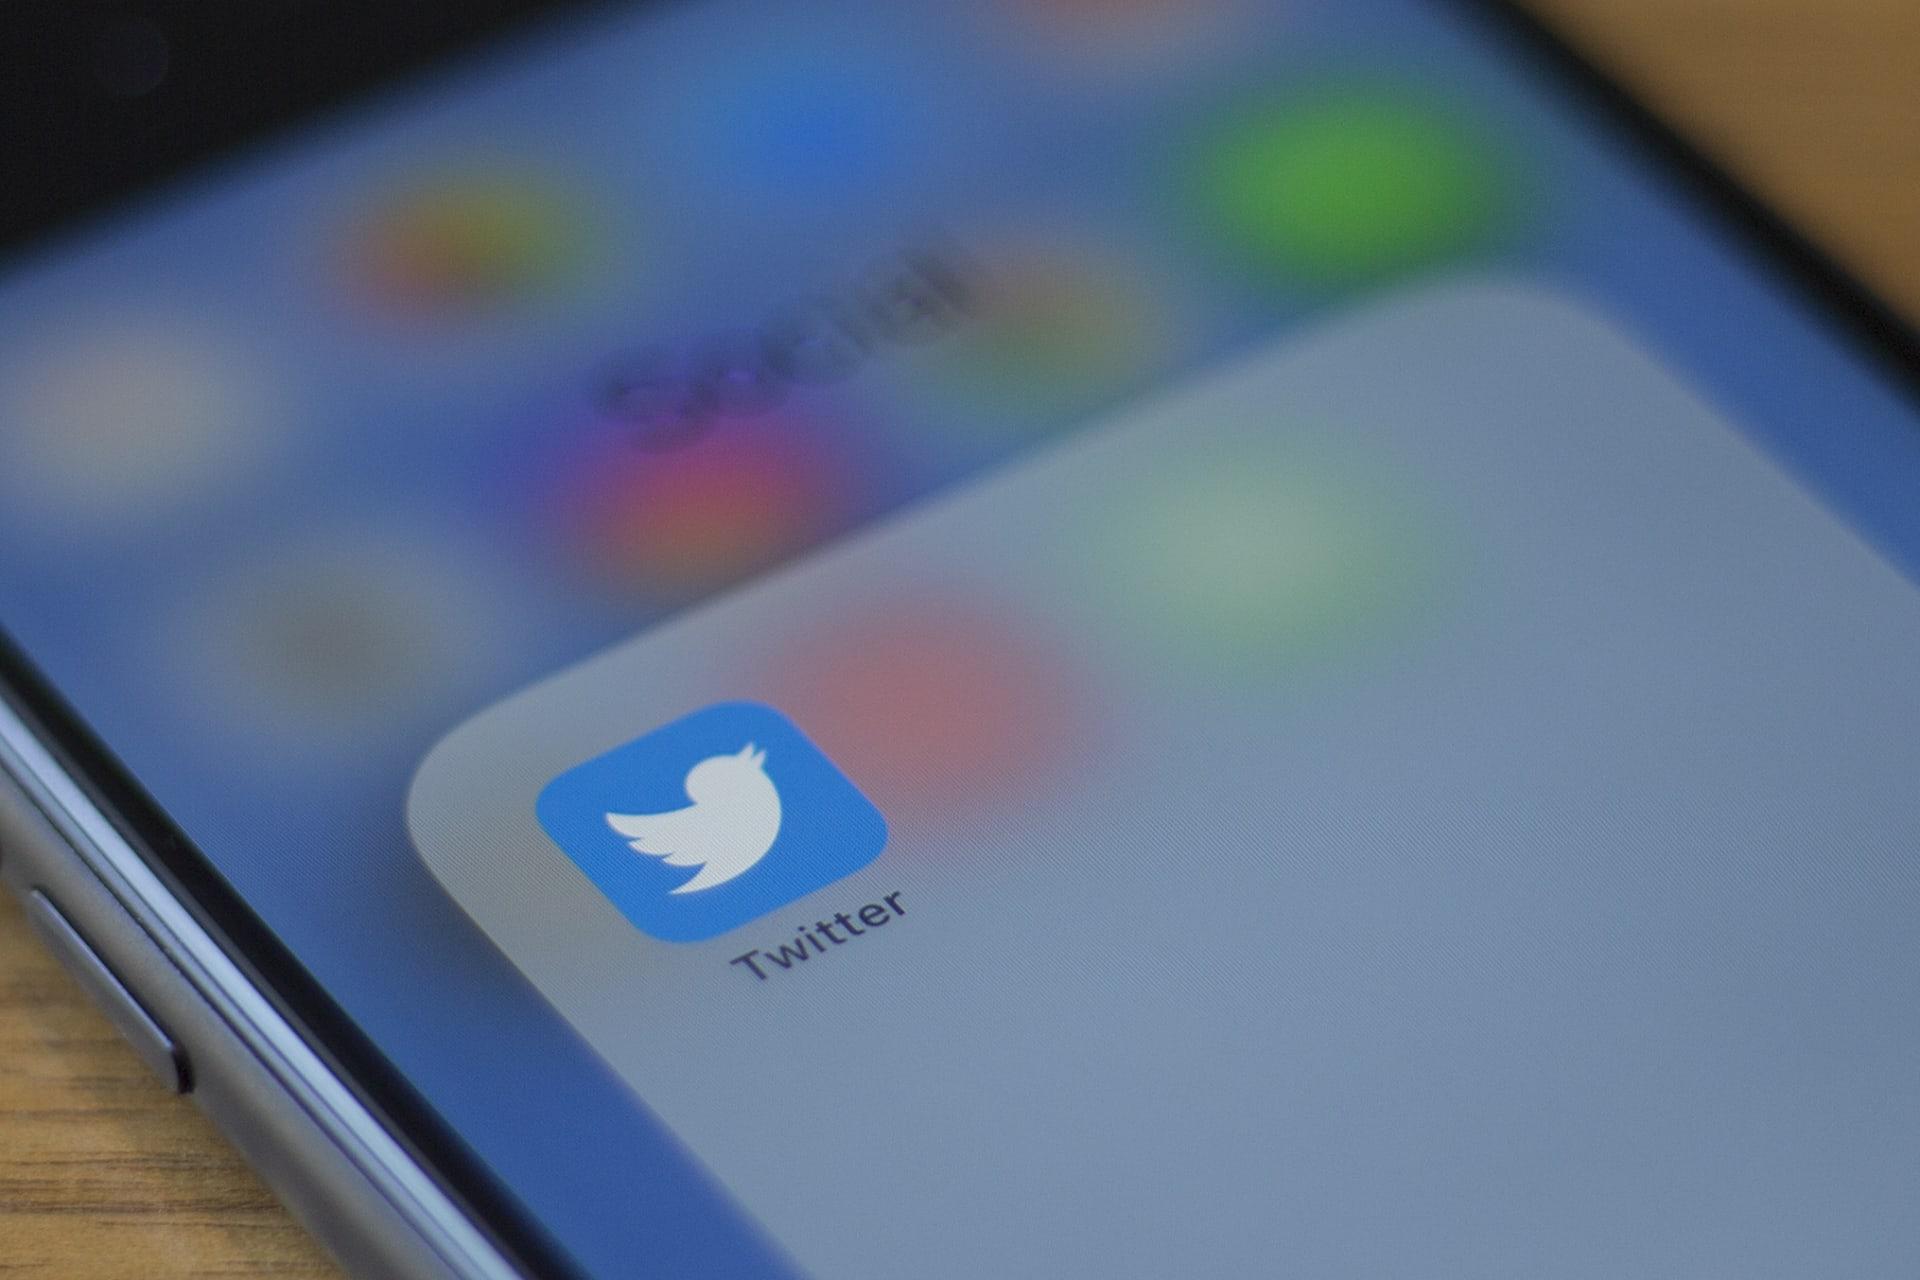 تويتر يختبر خاصية المشاركات المختفية الجديدة Fleets